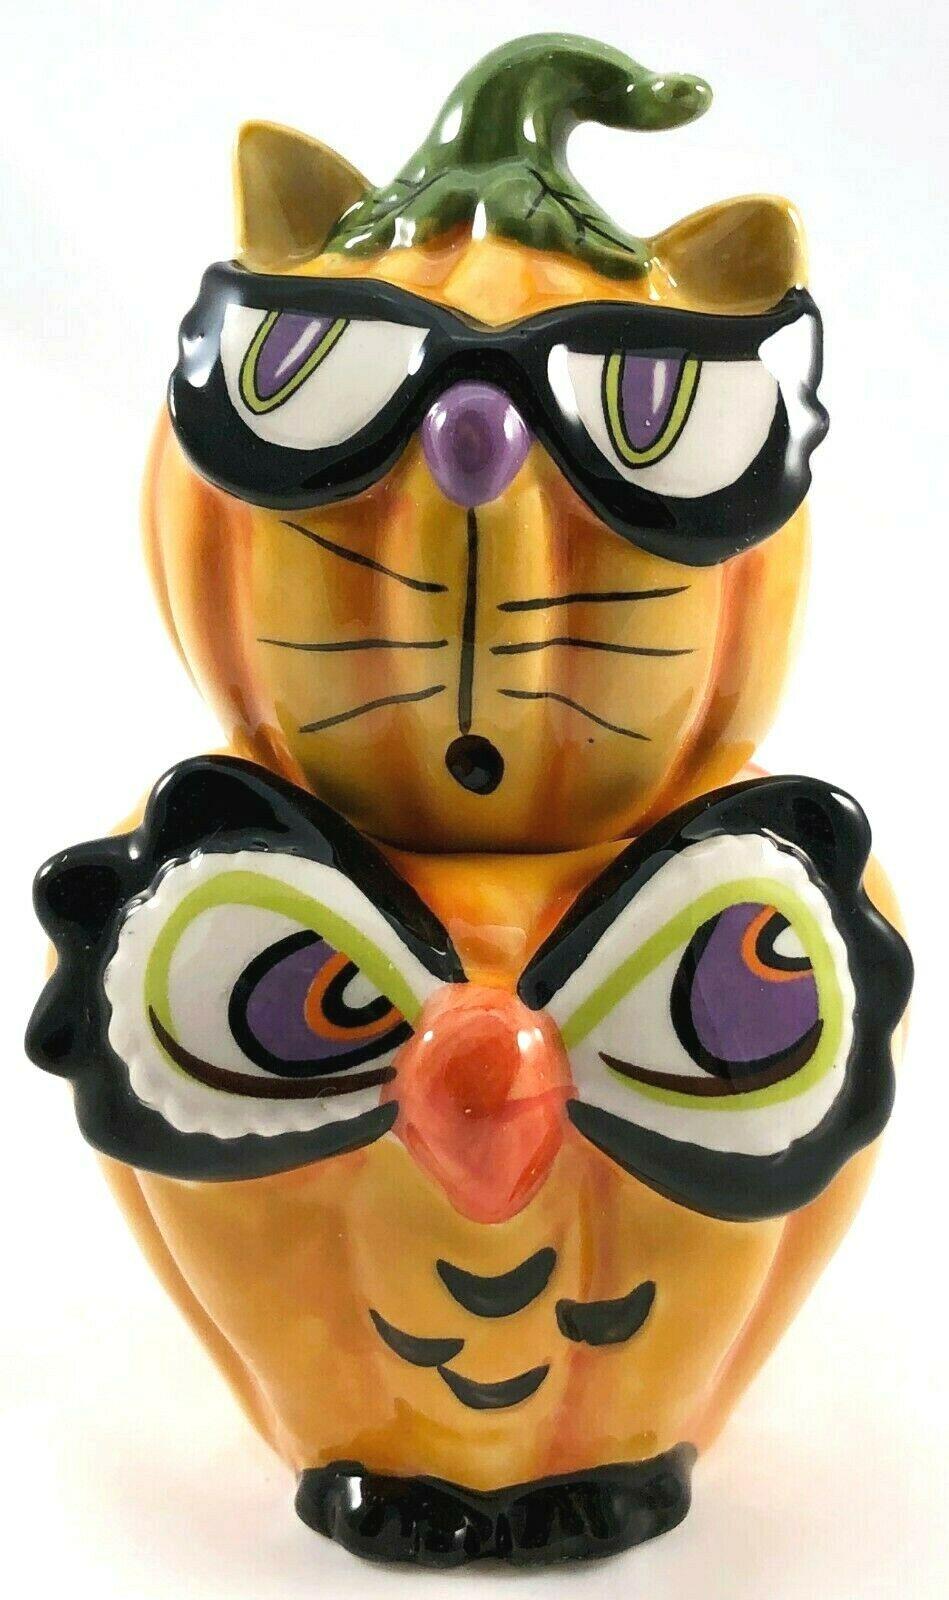 https://www.ebay.com/str/bizylizy2/Halloween/_i.html?_storecat=4955702013